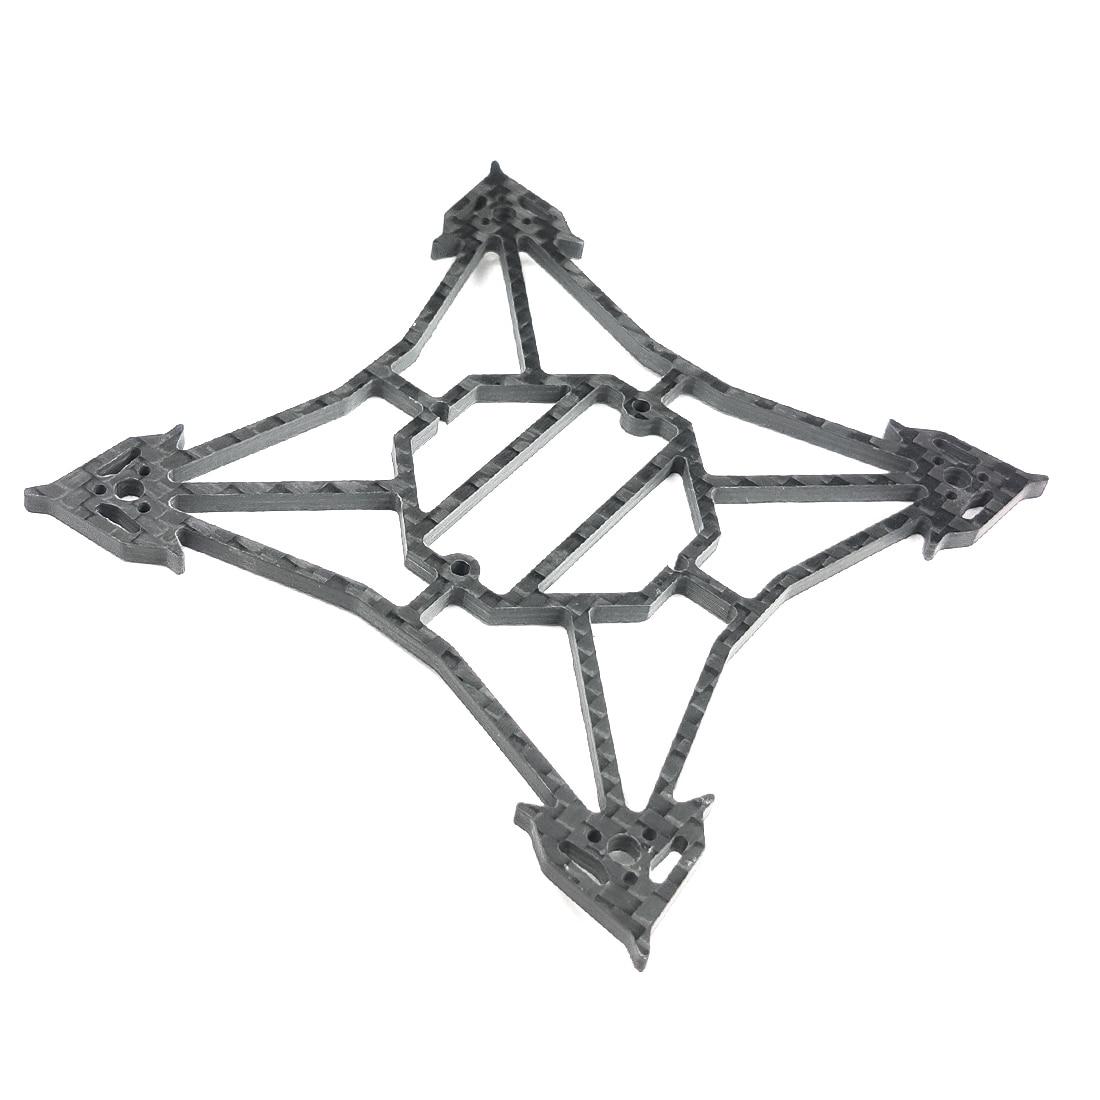 Happymodel Larva X Kit de marco de distancia entre ejes de 100mm 2-3S 2,5 pulgadas sin escobillas Dron de carreras con visión en primera persona 3mm de fibra de carbono de espaã a